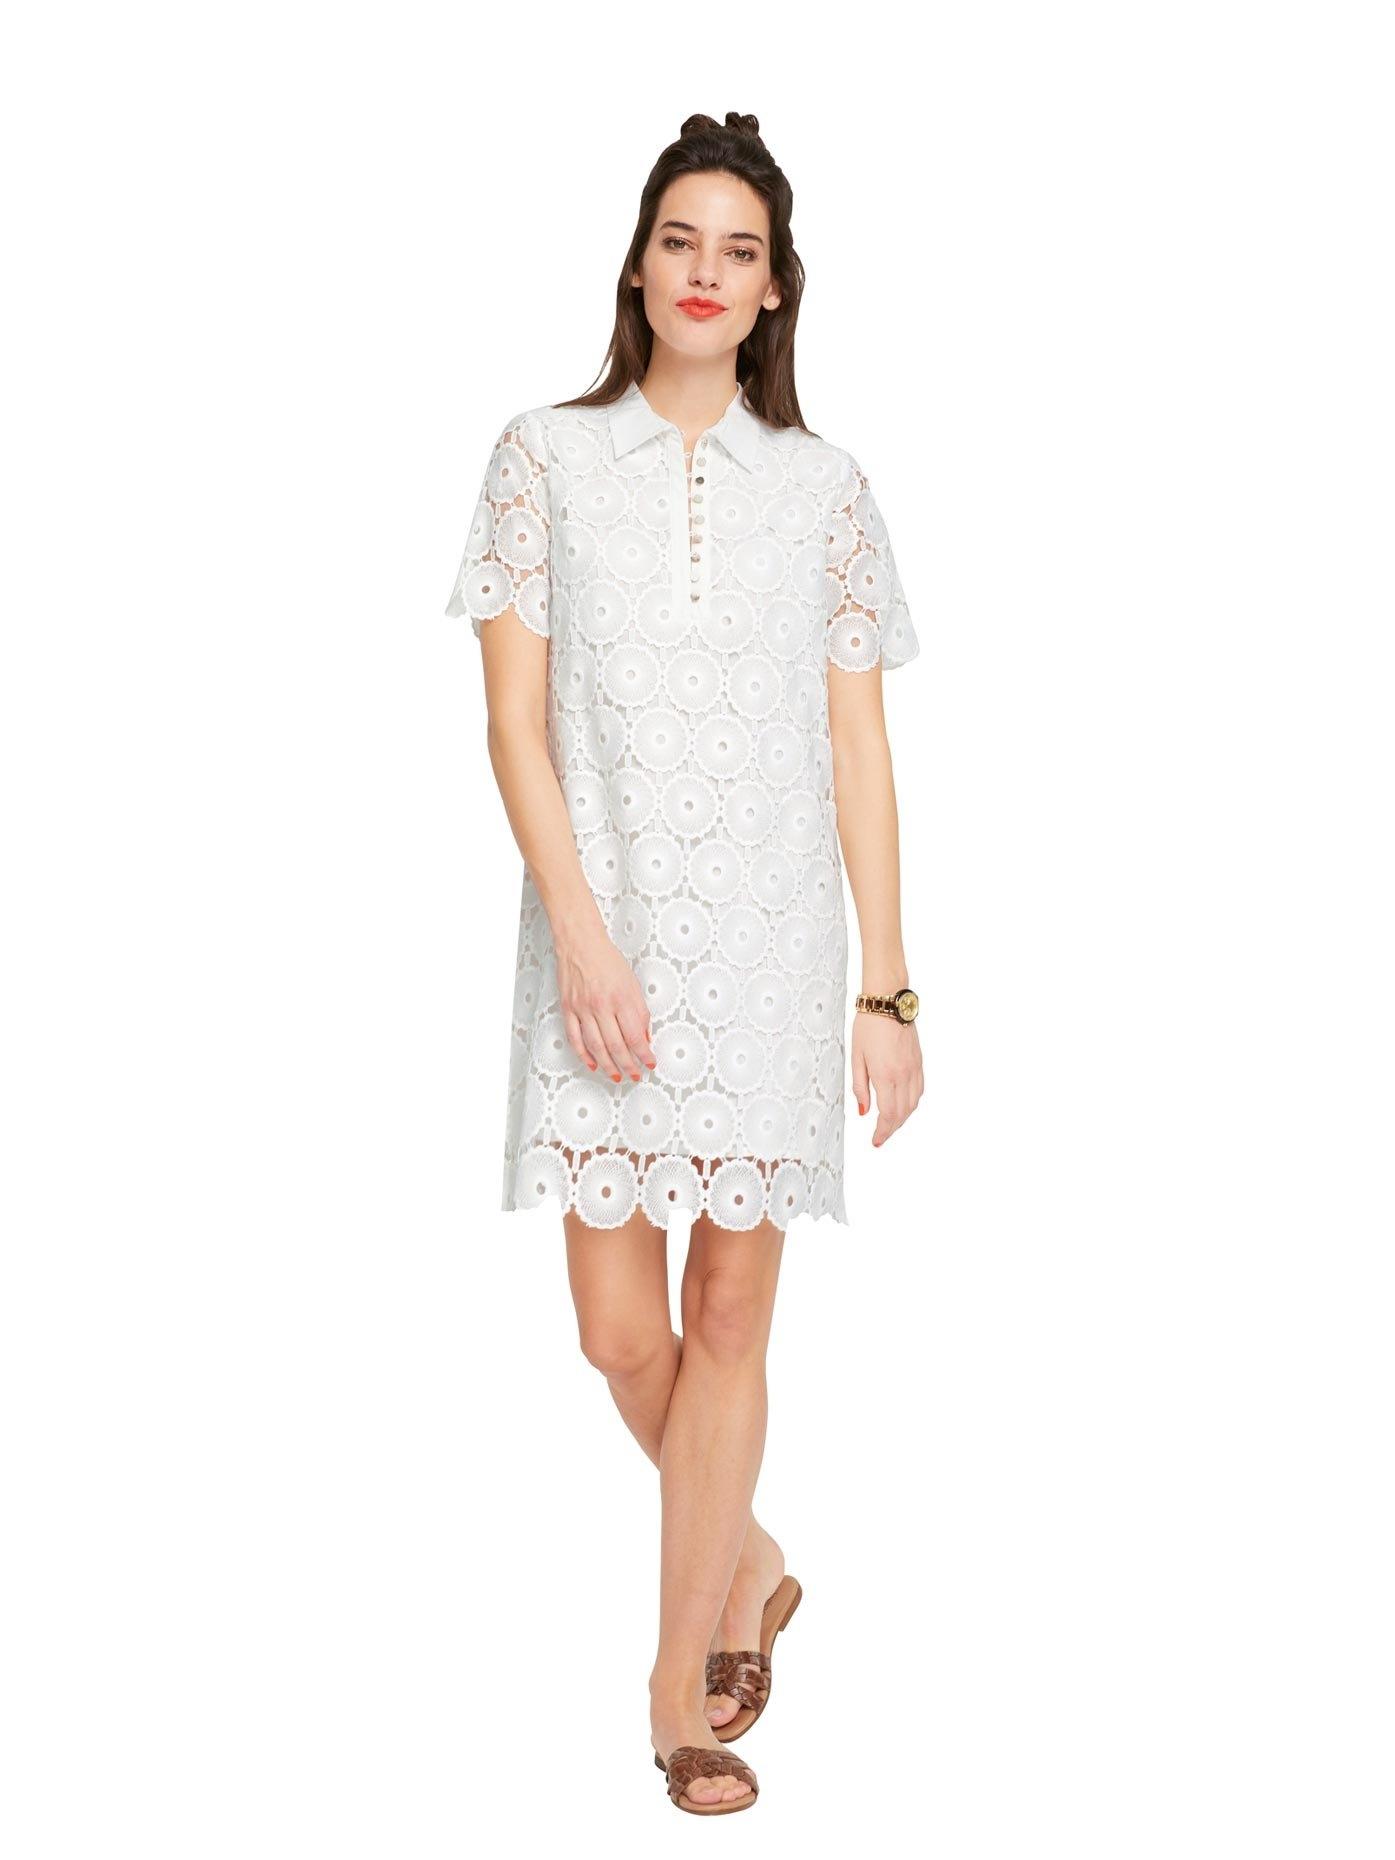 LINEA TESINI by Heine kanten jurk goedkoop op otto.nl kopen